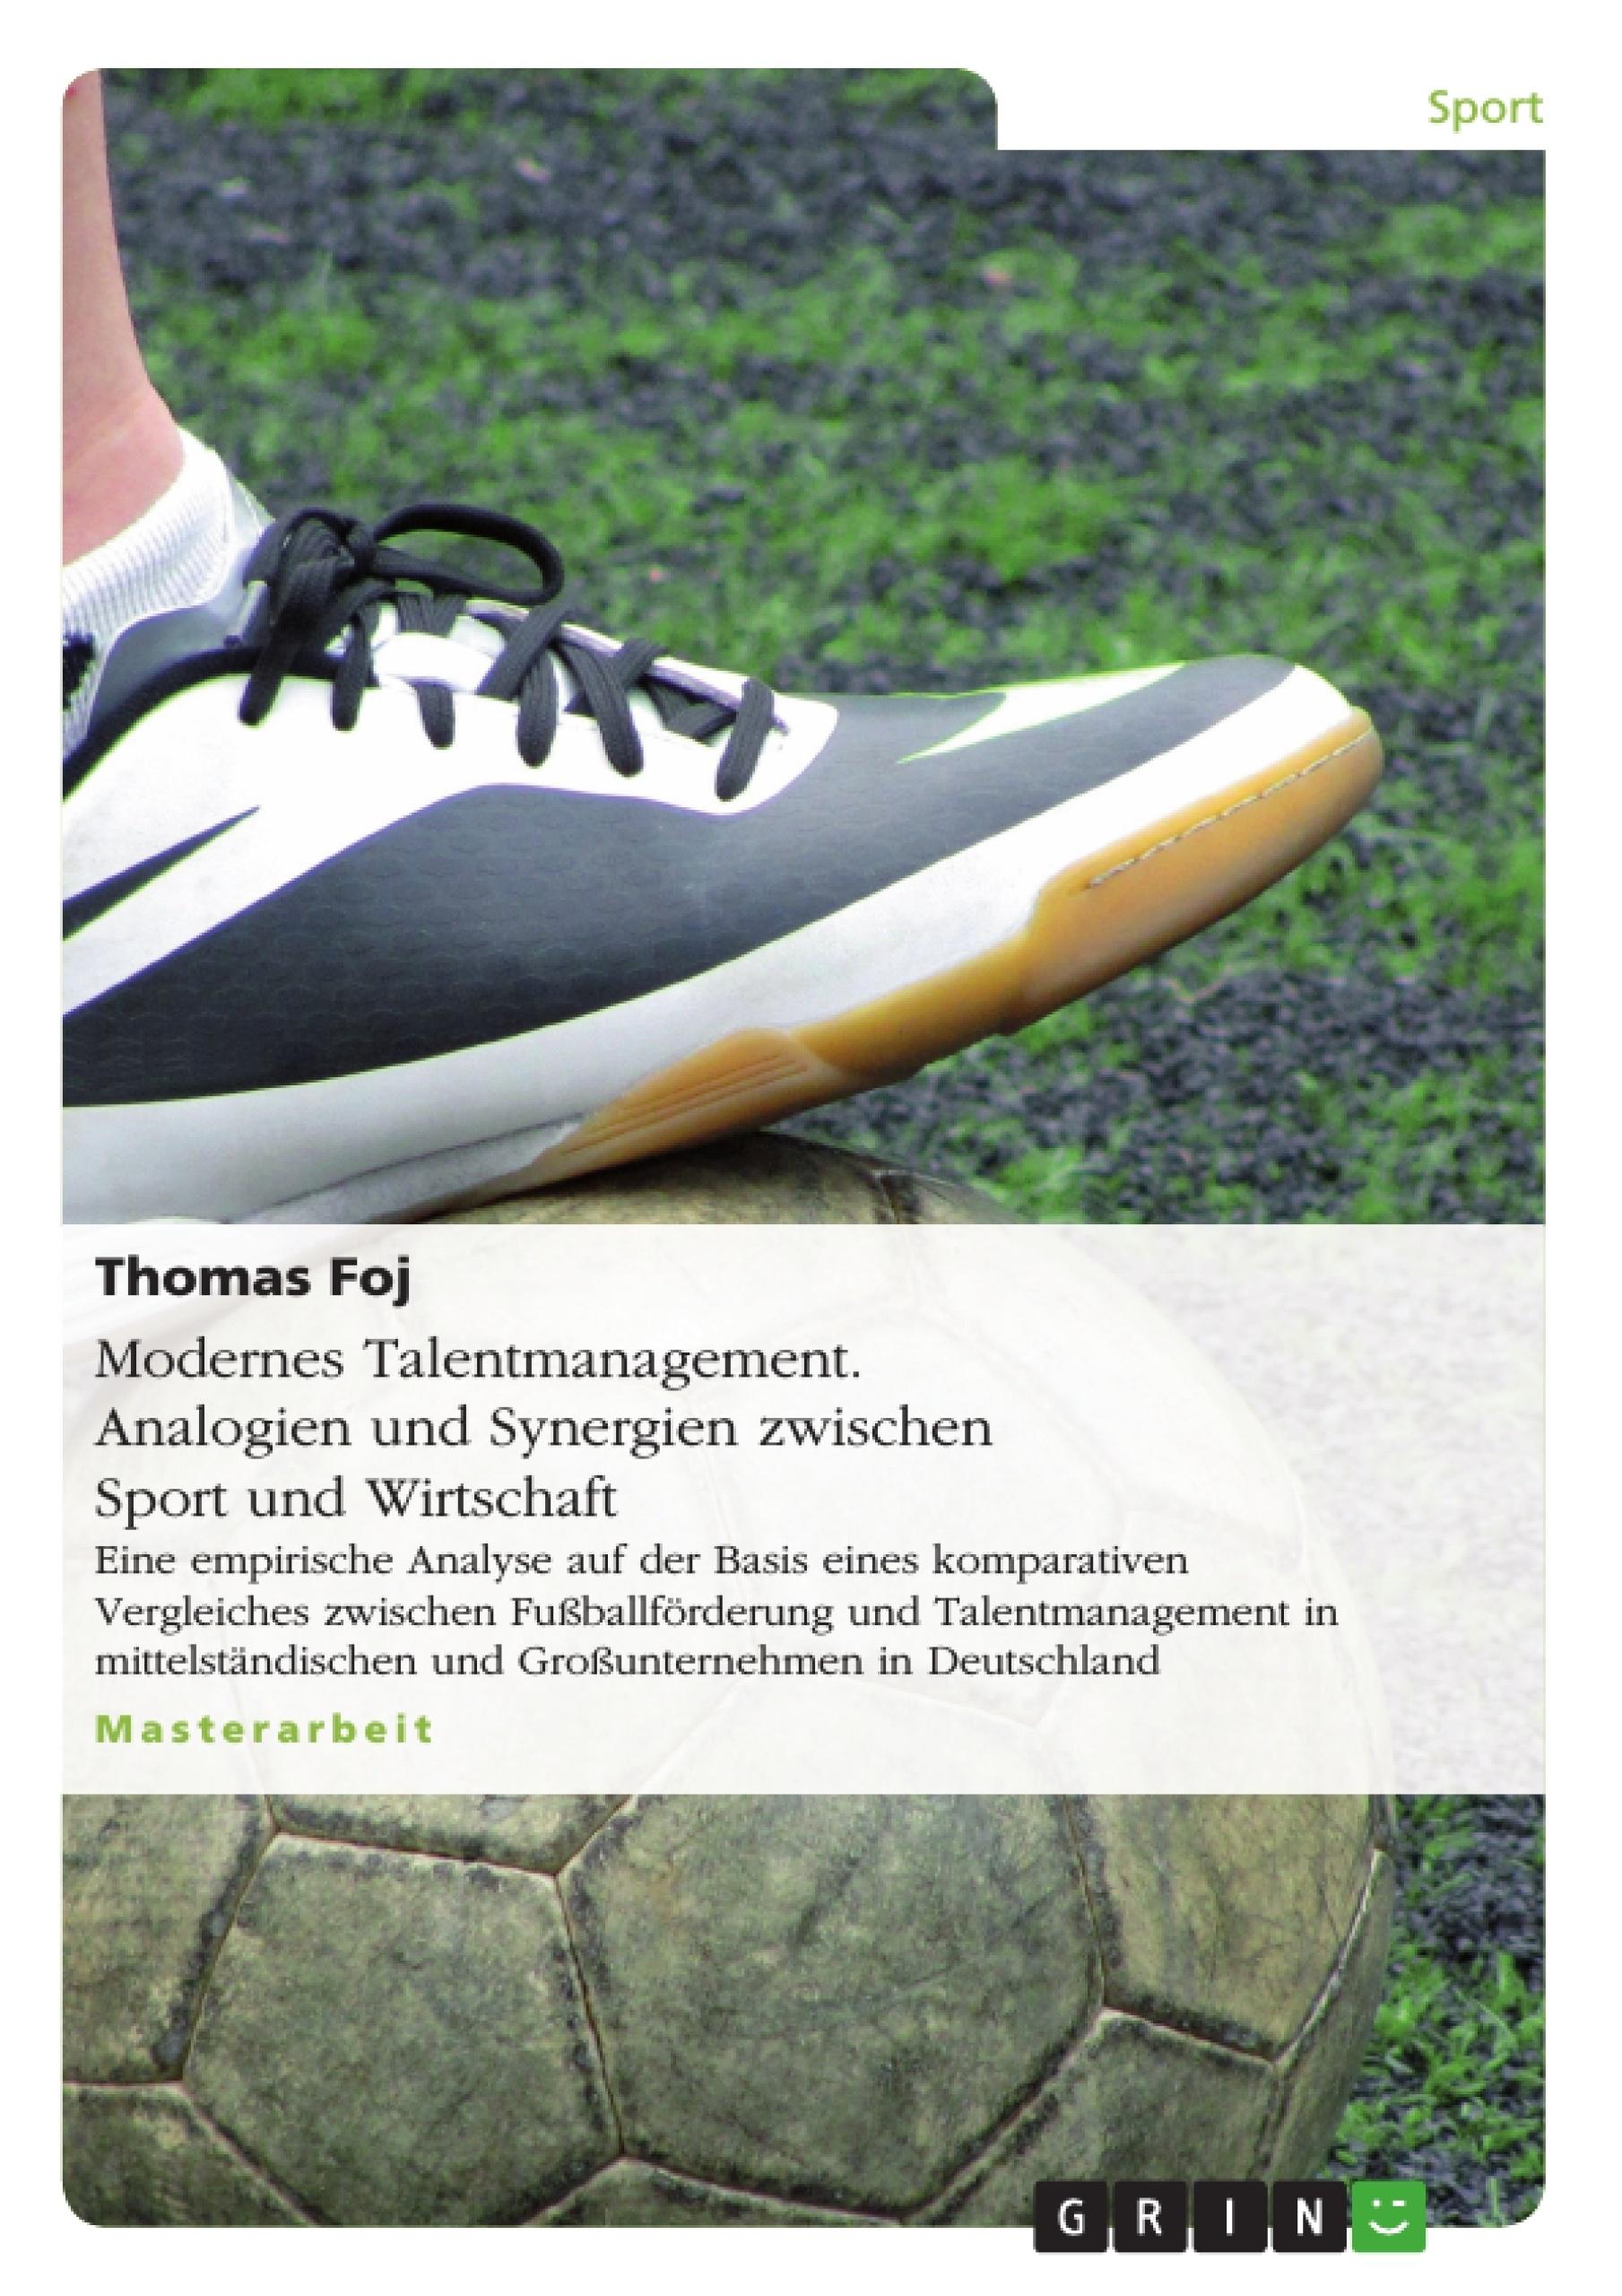 Titel: Modernes Talentmanagement. Analogien und Synergien zwischen Sport und Wirtschaft